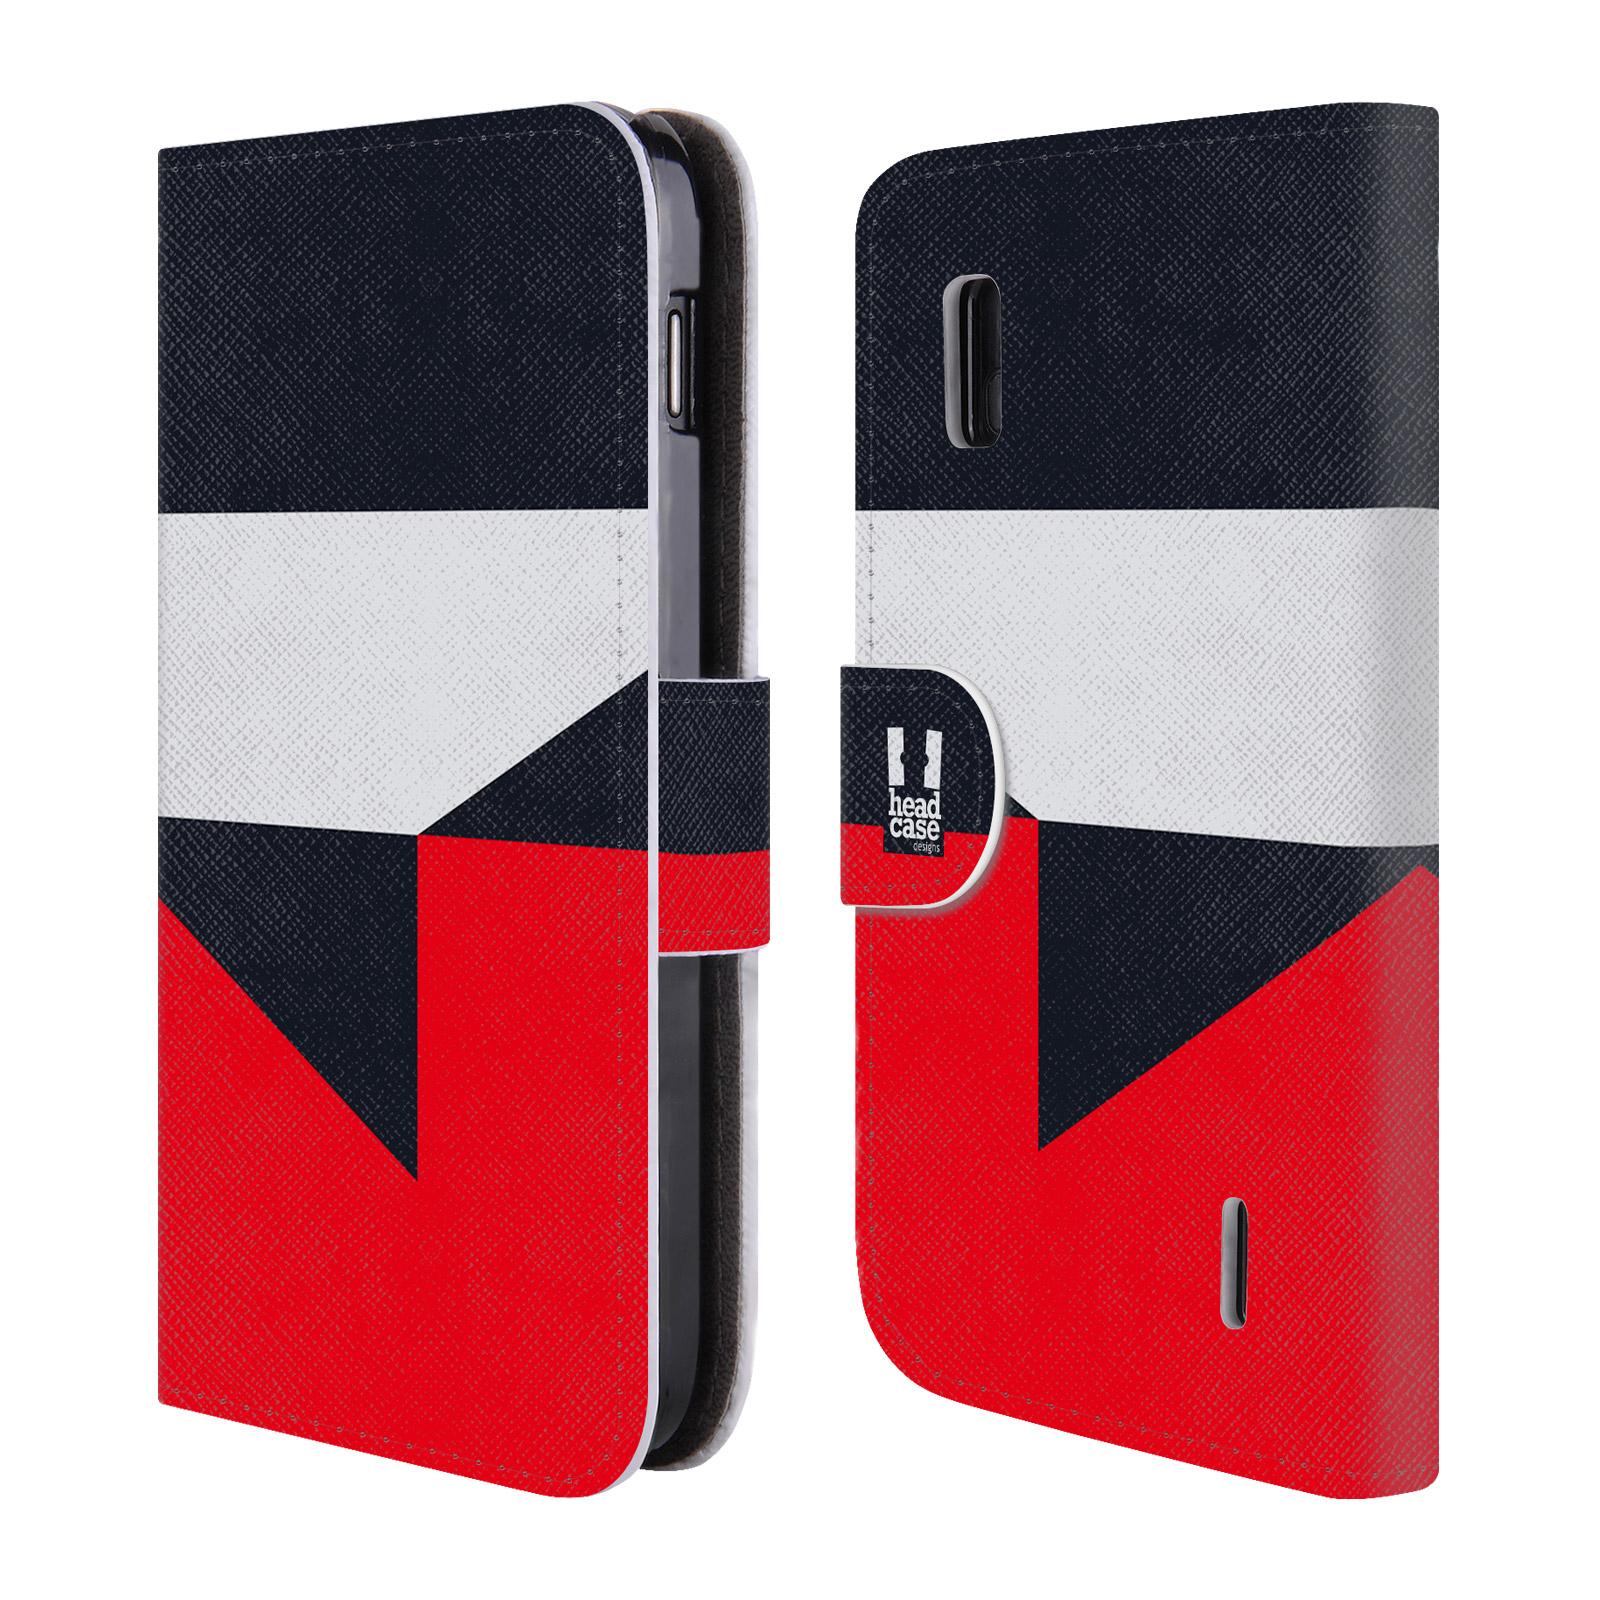 HEAD CASE Flipové pouzdro pro mobil LG NEXUS 4 barevné tvary černá a červená gejša